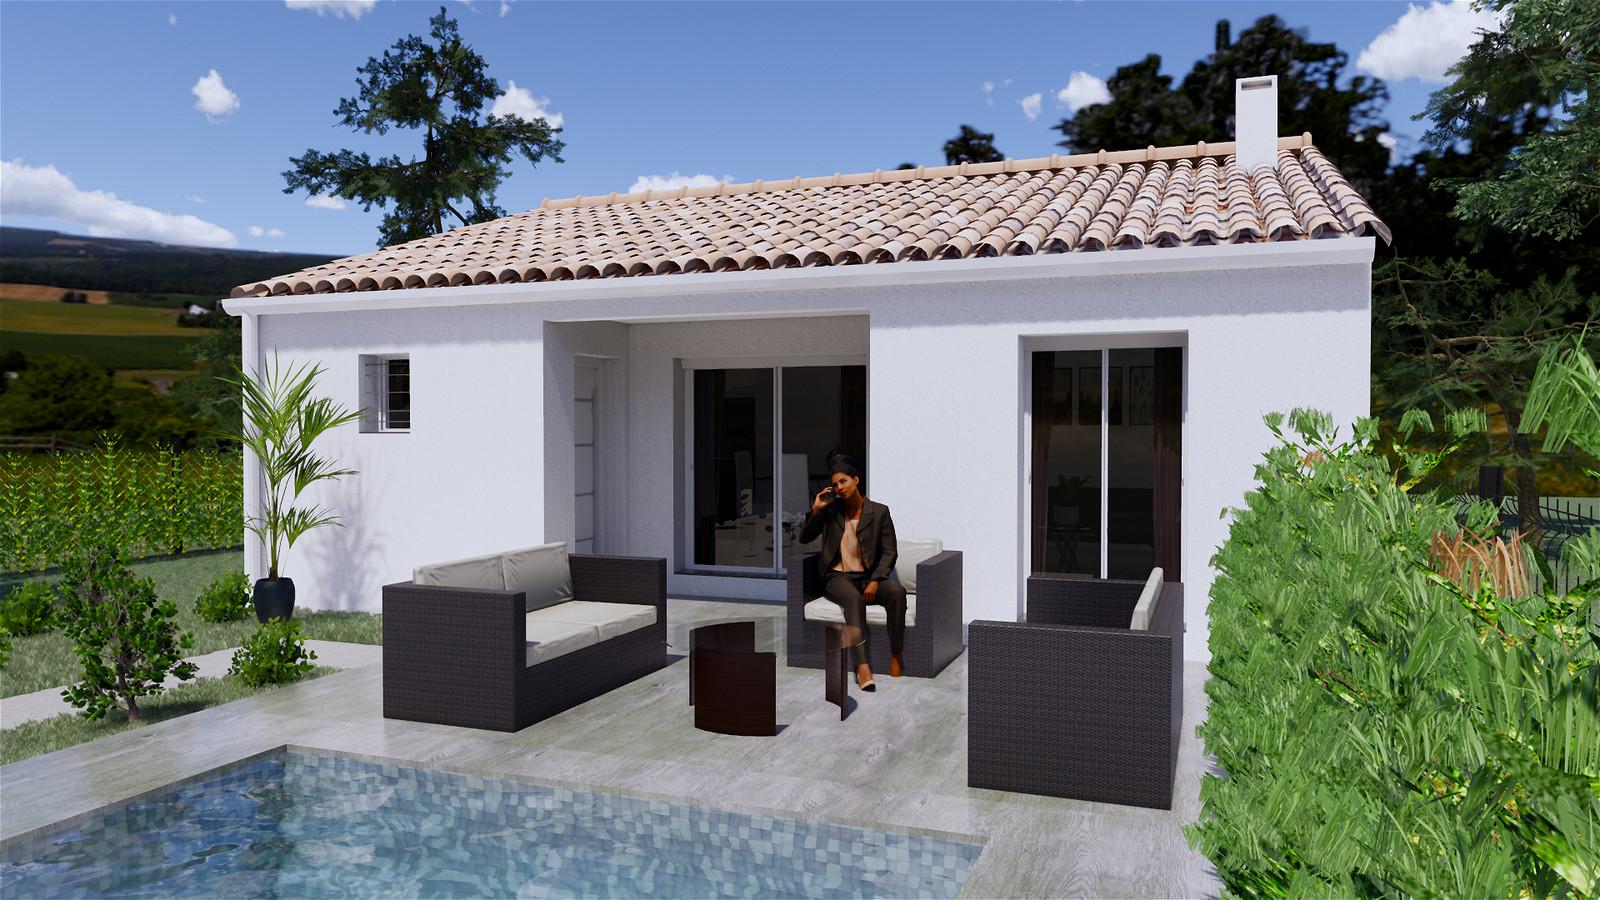 faire construire une maison prix budget pour sa ooreka cout la construction d sur mesure vaucluse 84 Constructeur de maisons pas chères Gard Hérault Vaucluse